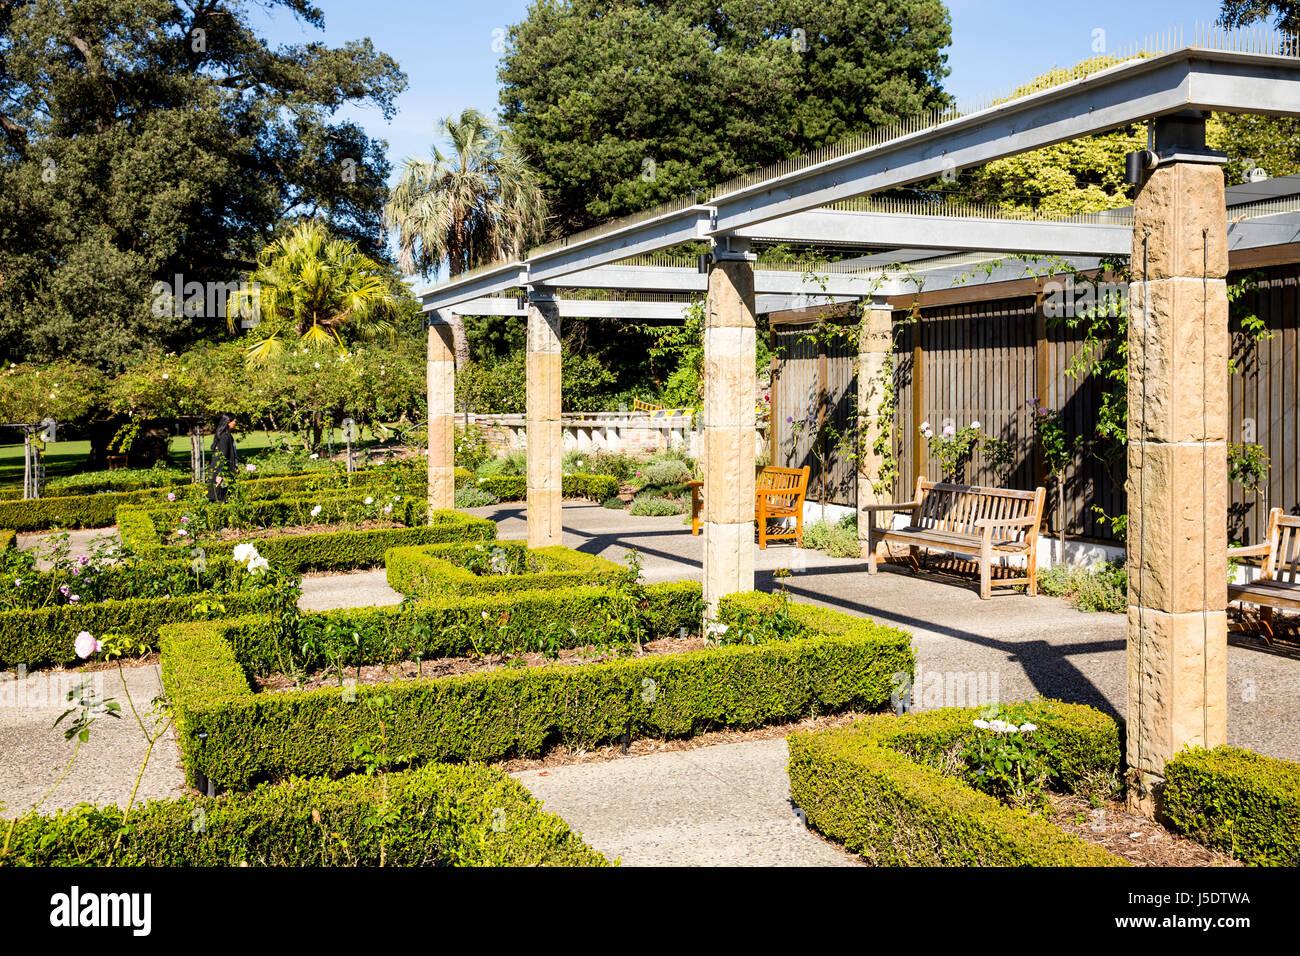 The Rose Garden in the Royal Botanic Gardens in Sydney,Australia - Stock Image